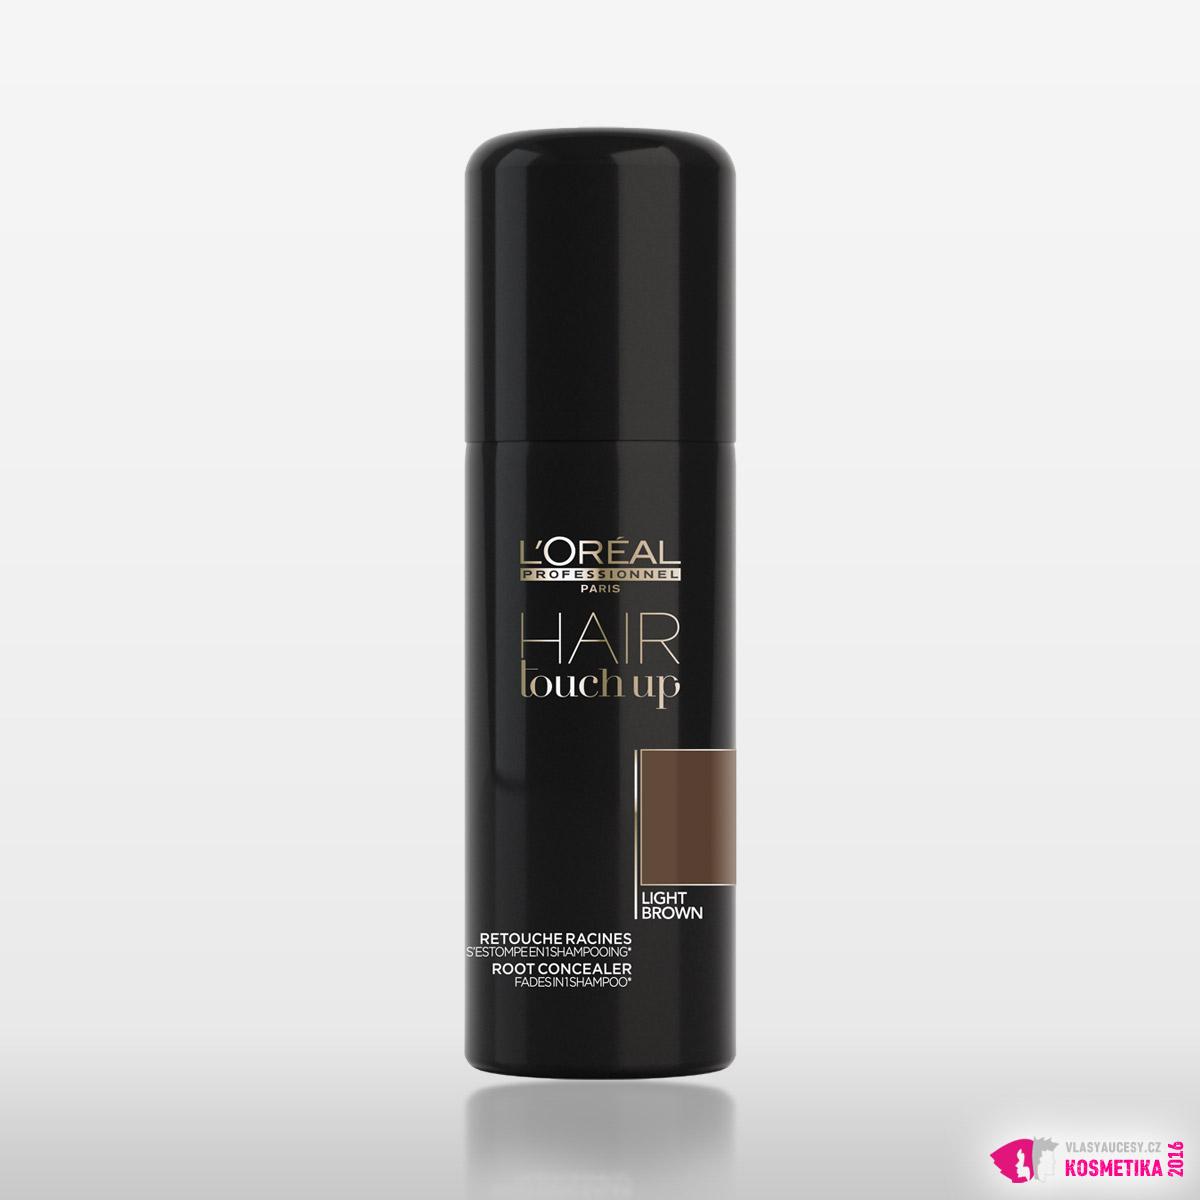 Krycí sprej na odrosty Hair Touch Up ve světle hnědé barvě